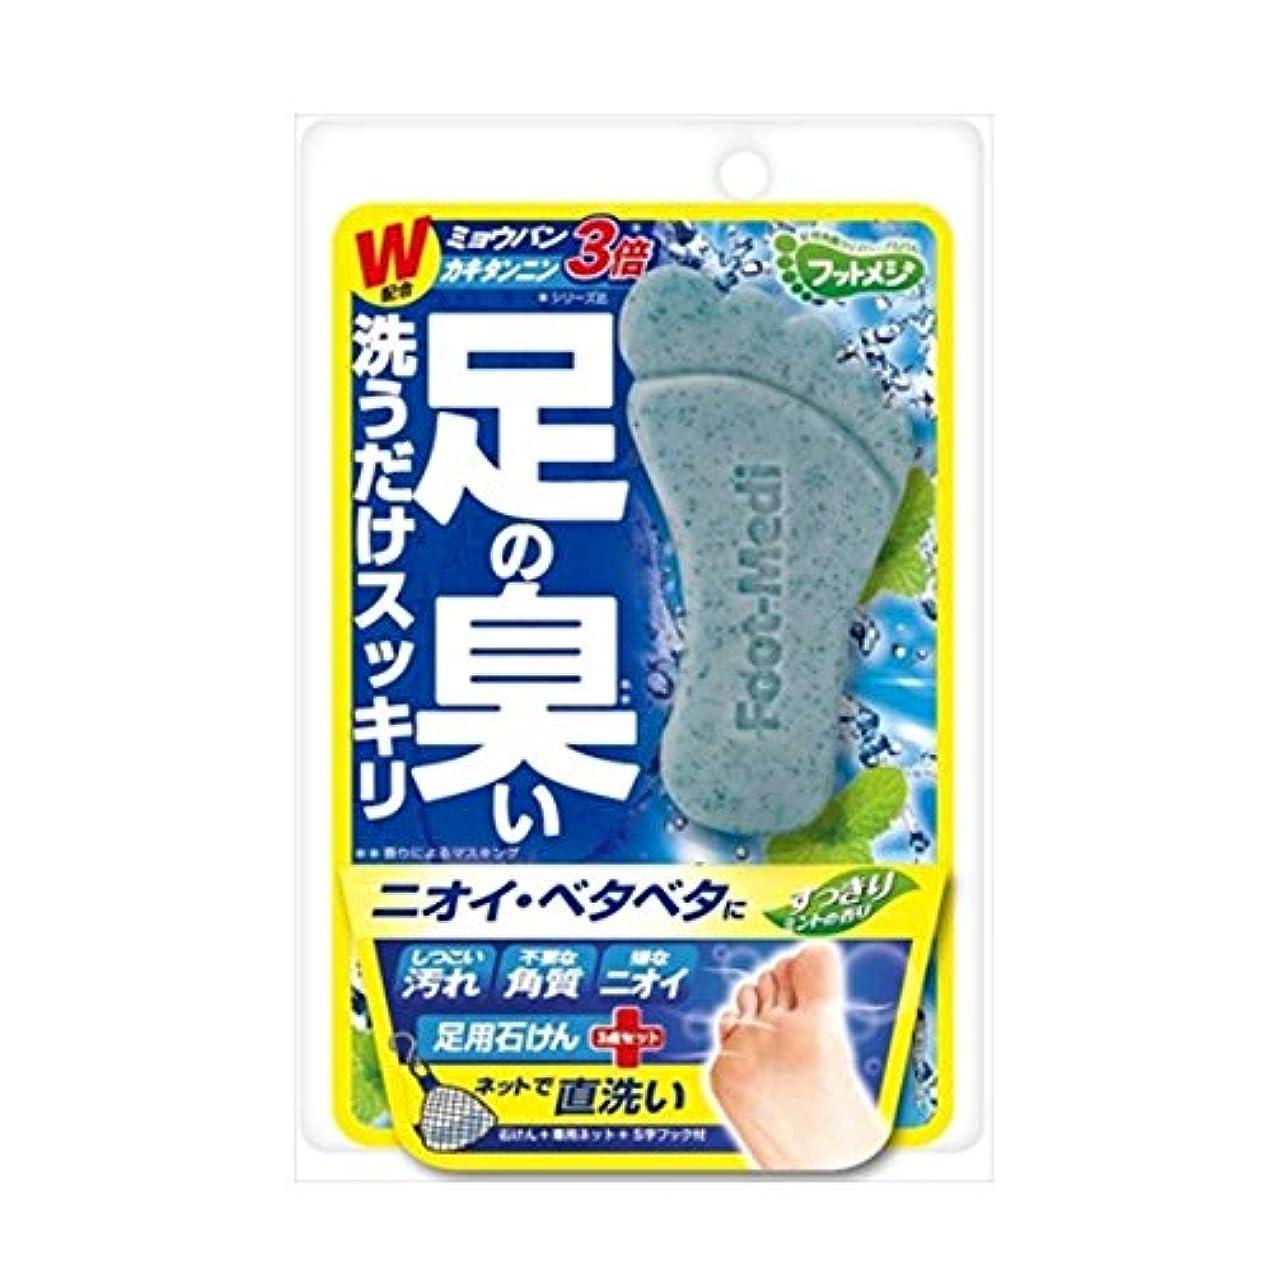 ブルジョン日常的に一般フットメジ 足用角質クリアハーブ石けん すっきりミント 60g 3個セット